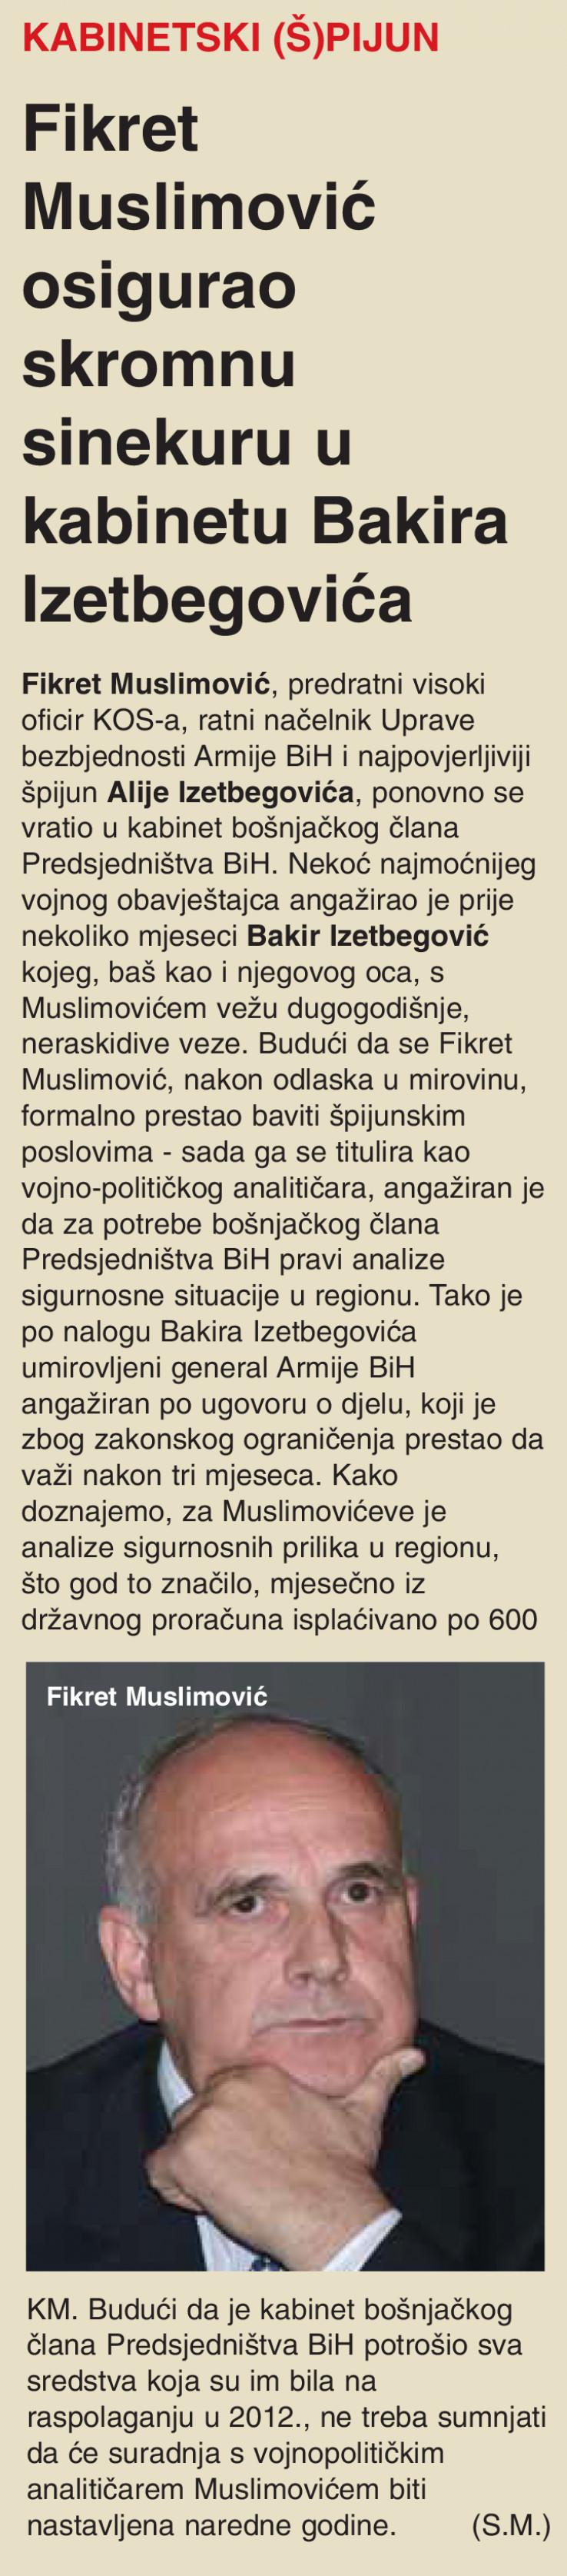 """Faksimil teksta SB-a pod naslovom: """"Kabinetski (š)pijun: Fikret Muslimović osigurao skromnu sinekuru u kabinetu Bakira Izetbegovića"""""""